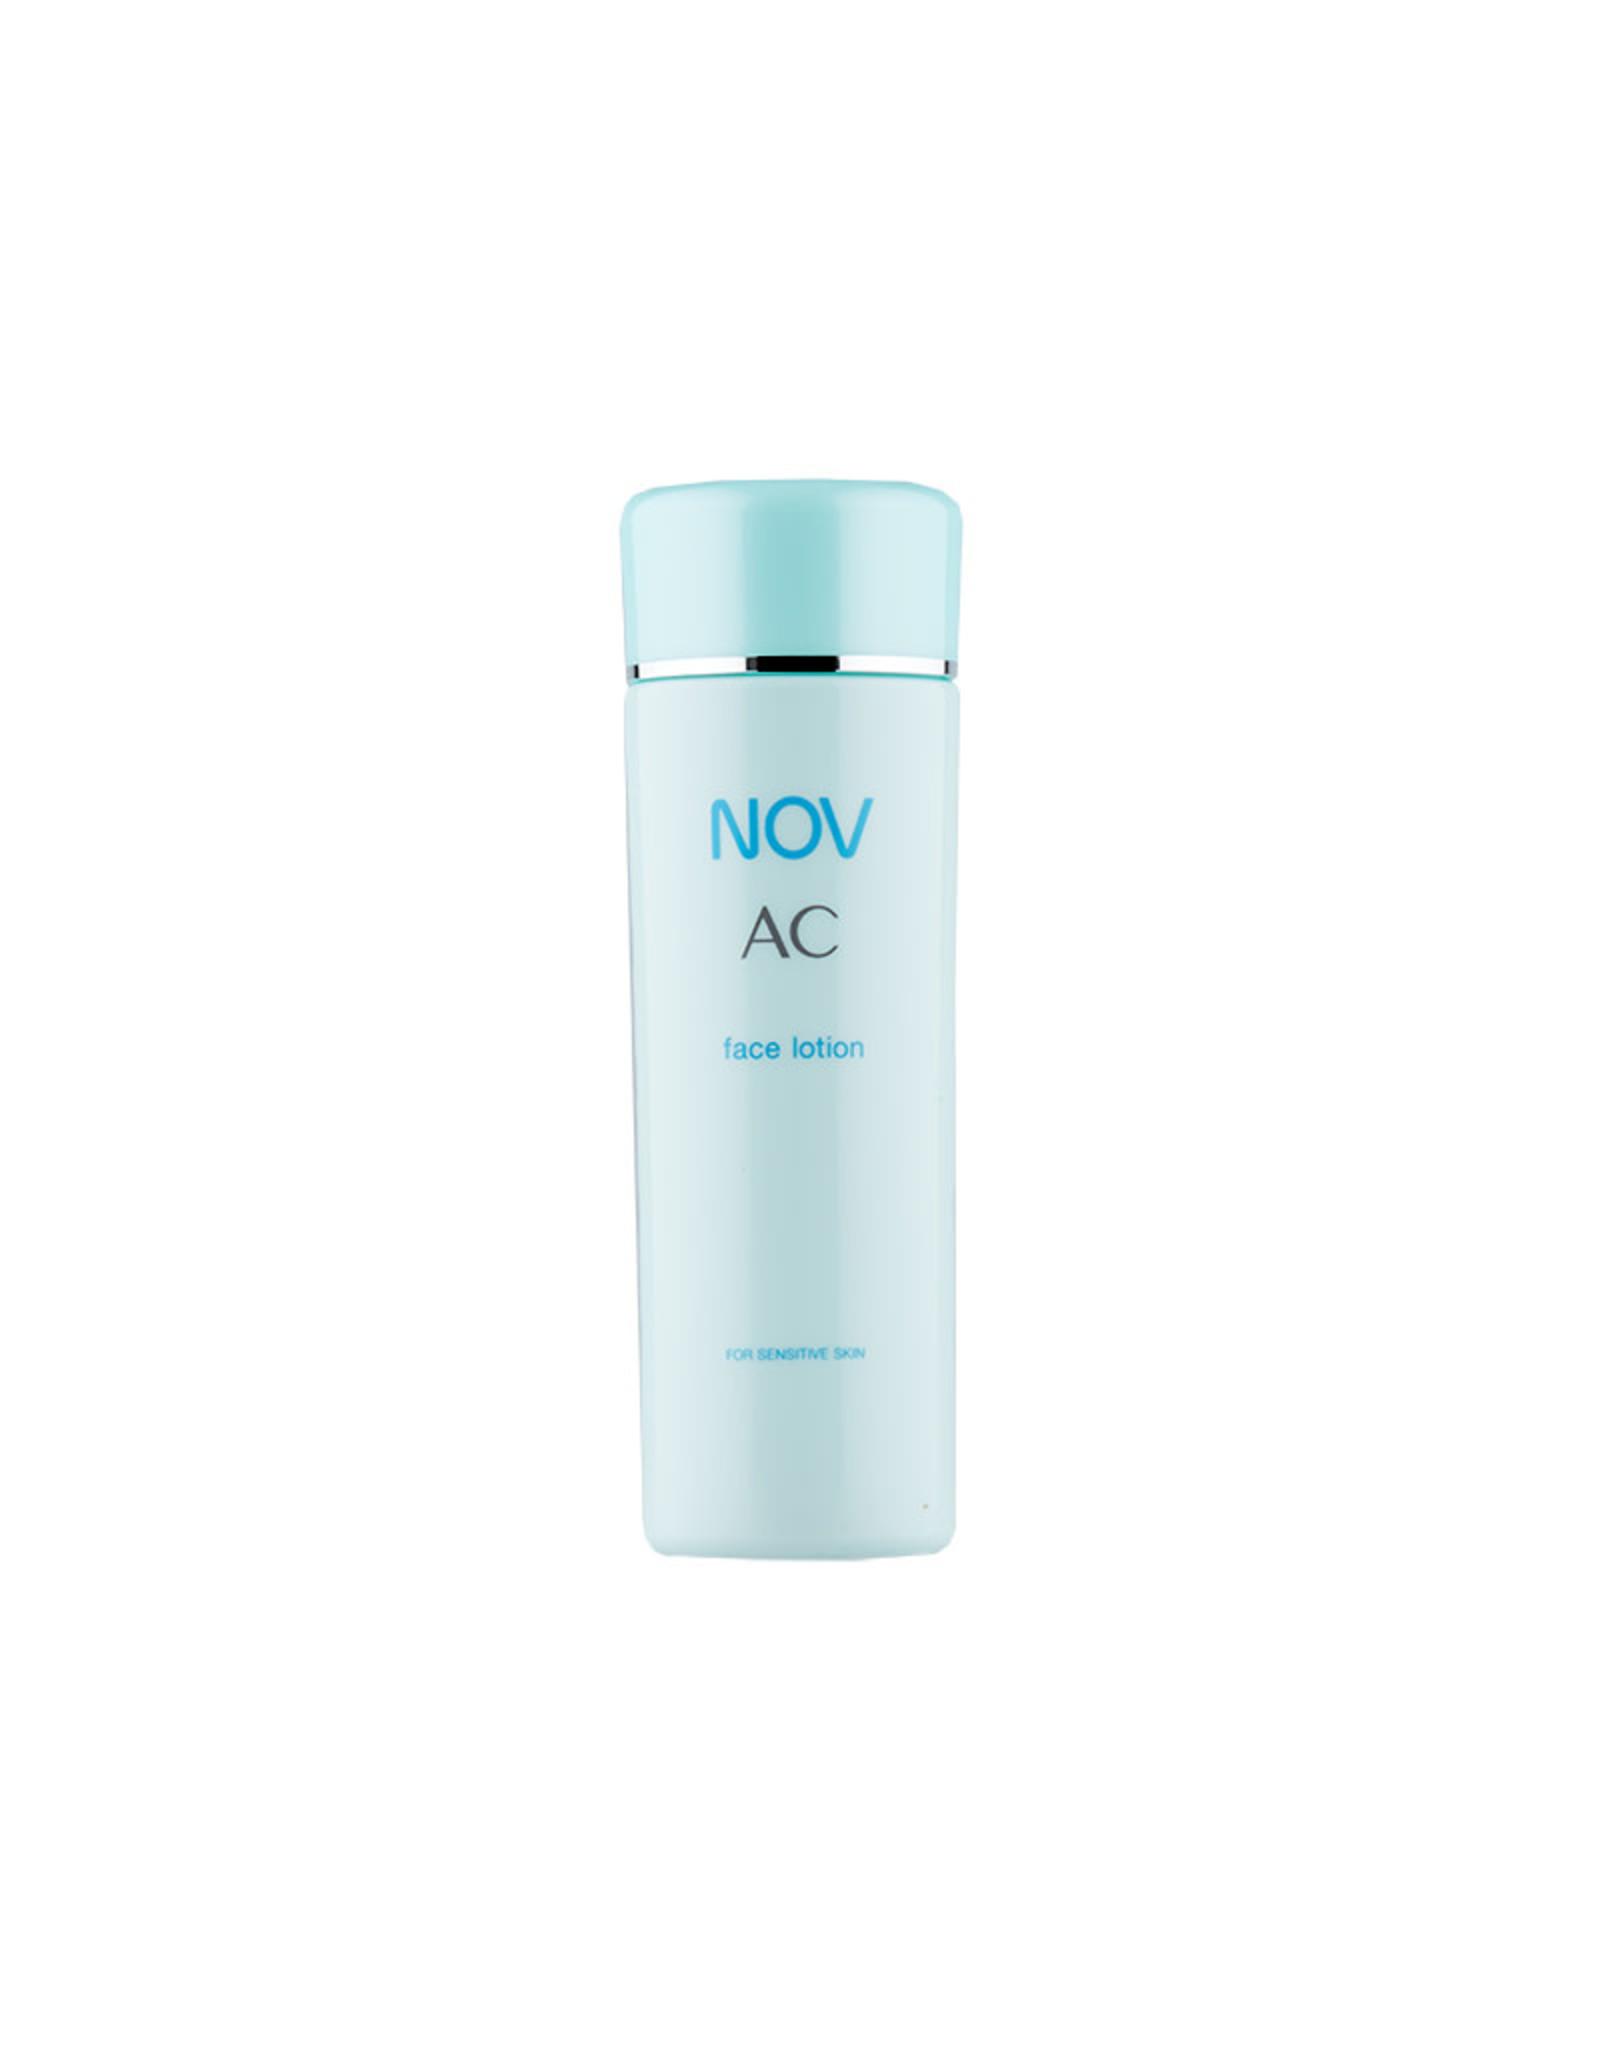 NOV Nov AC Face Lotion